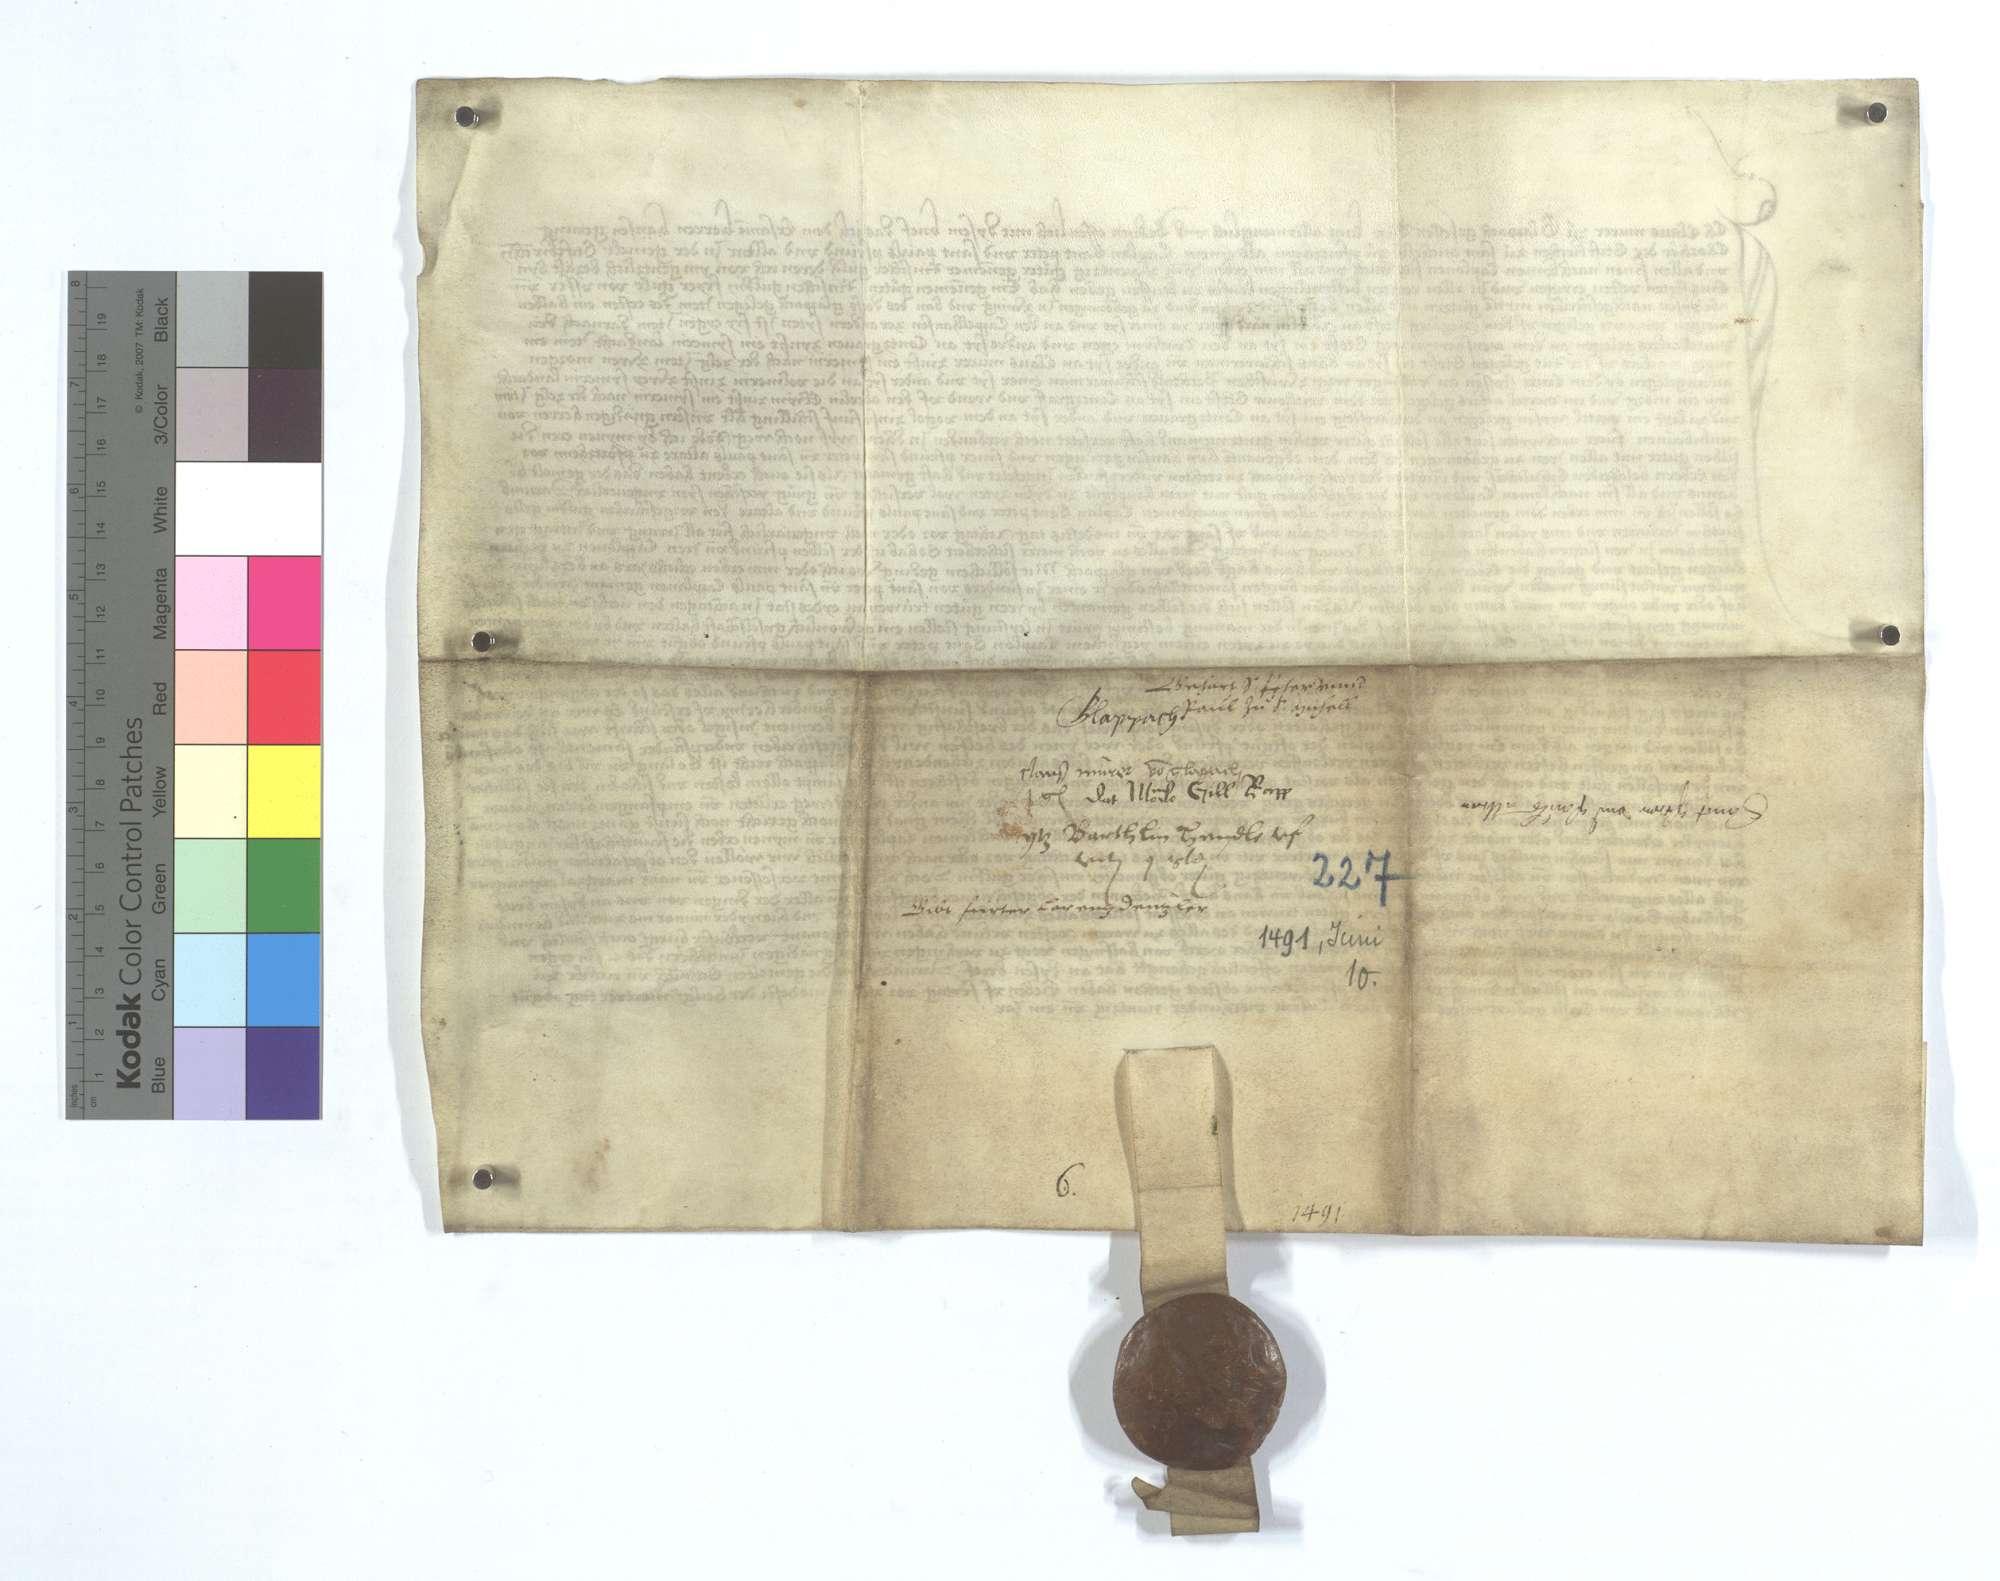 Gültbrief des Claus Murer von Glattbach (Glappach) gegen die Peter und Paul Pfründe im Michaelsstift in Pforzheim., Rückseite